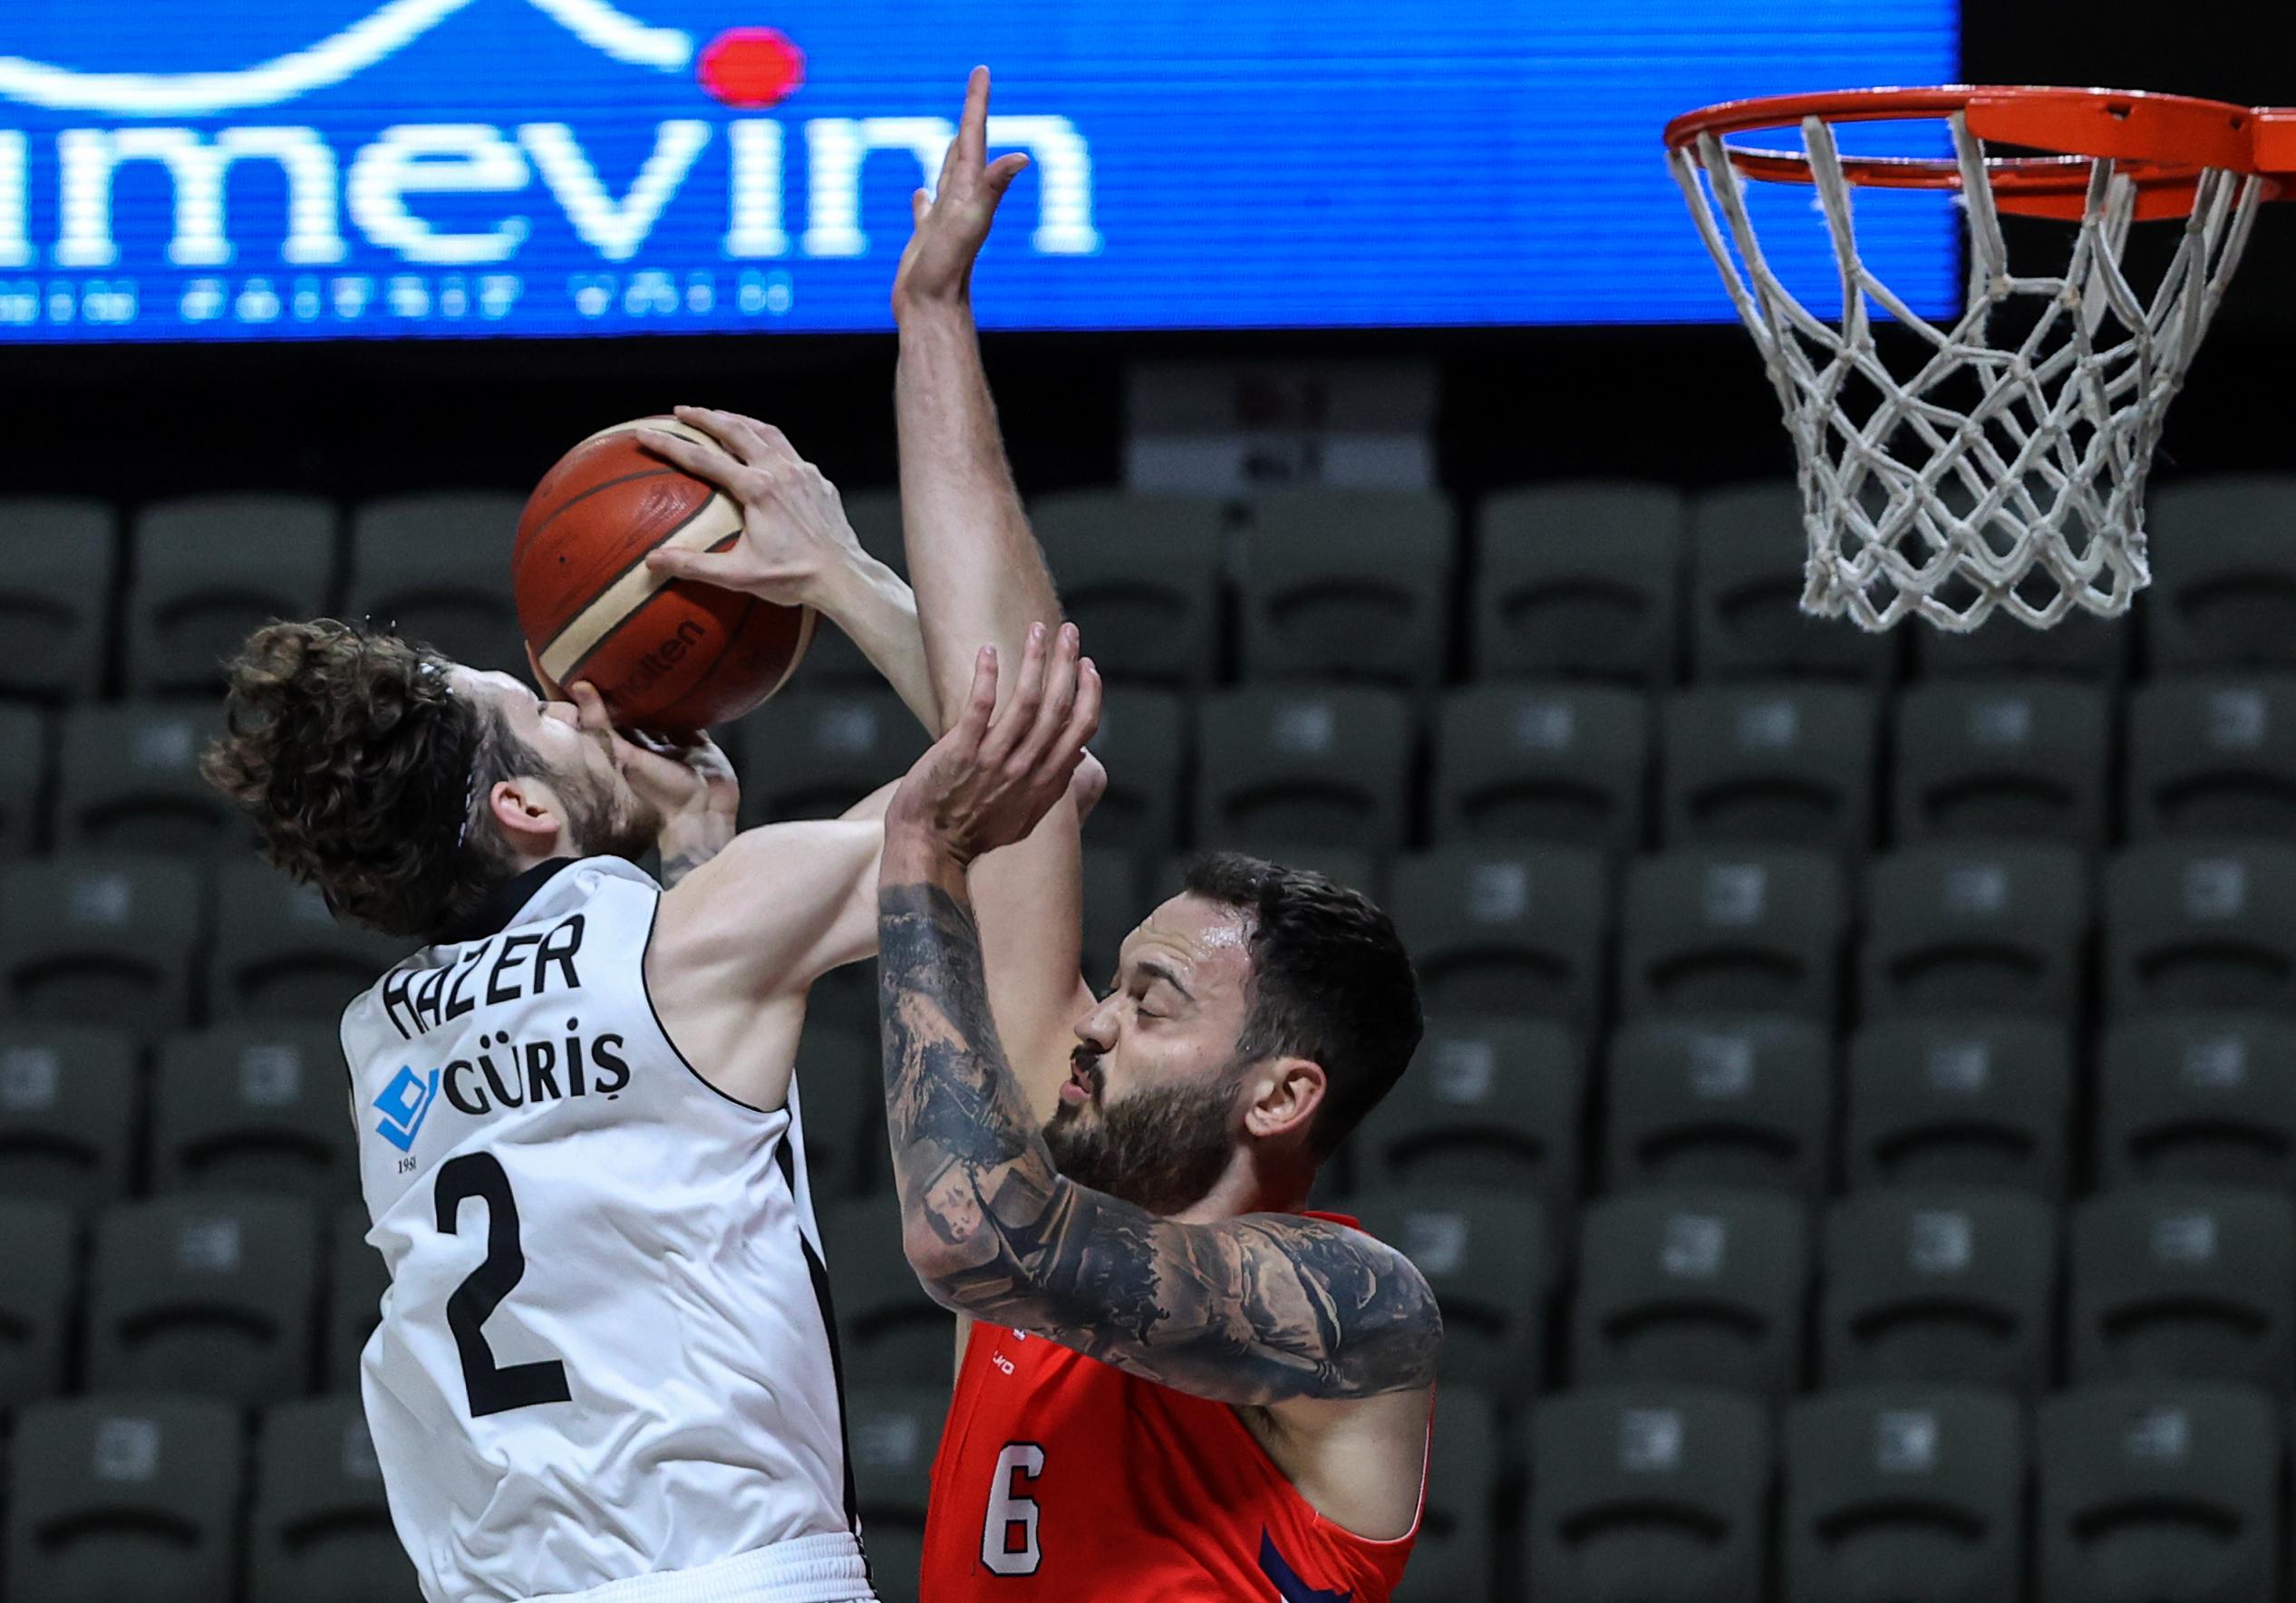 ING Basketbol Süper Ligi heyecanı! Beşiktaş Icrypex: 83 - Bahçeşehir Koleji: 77